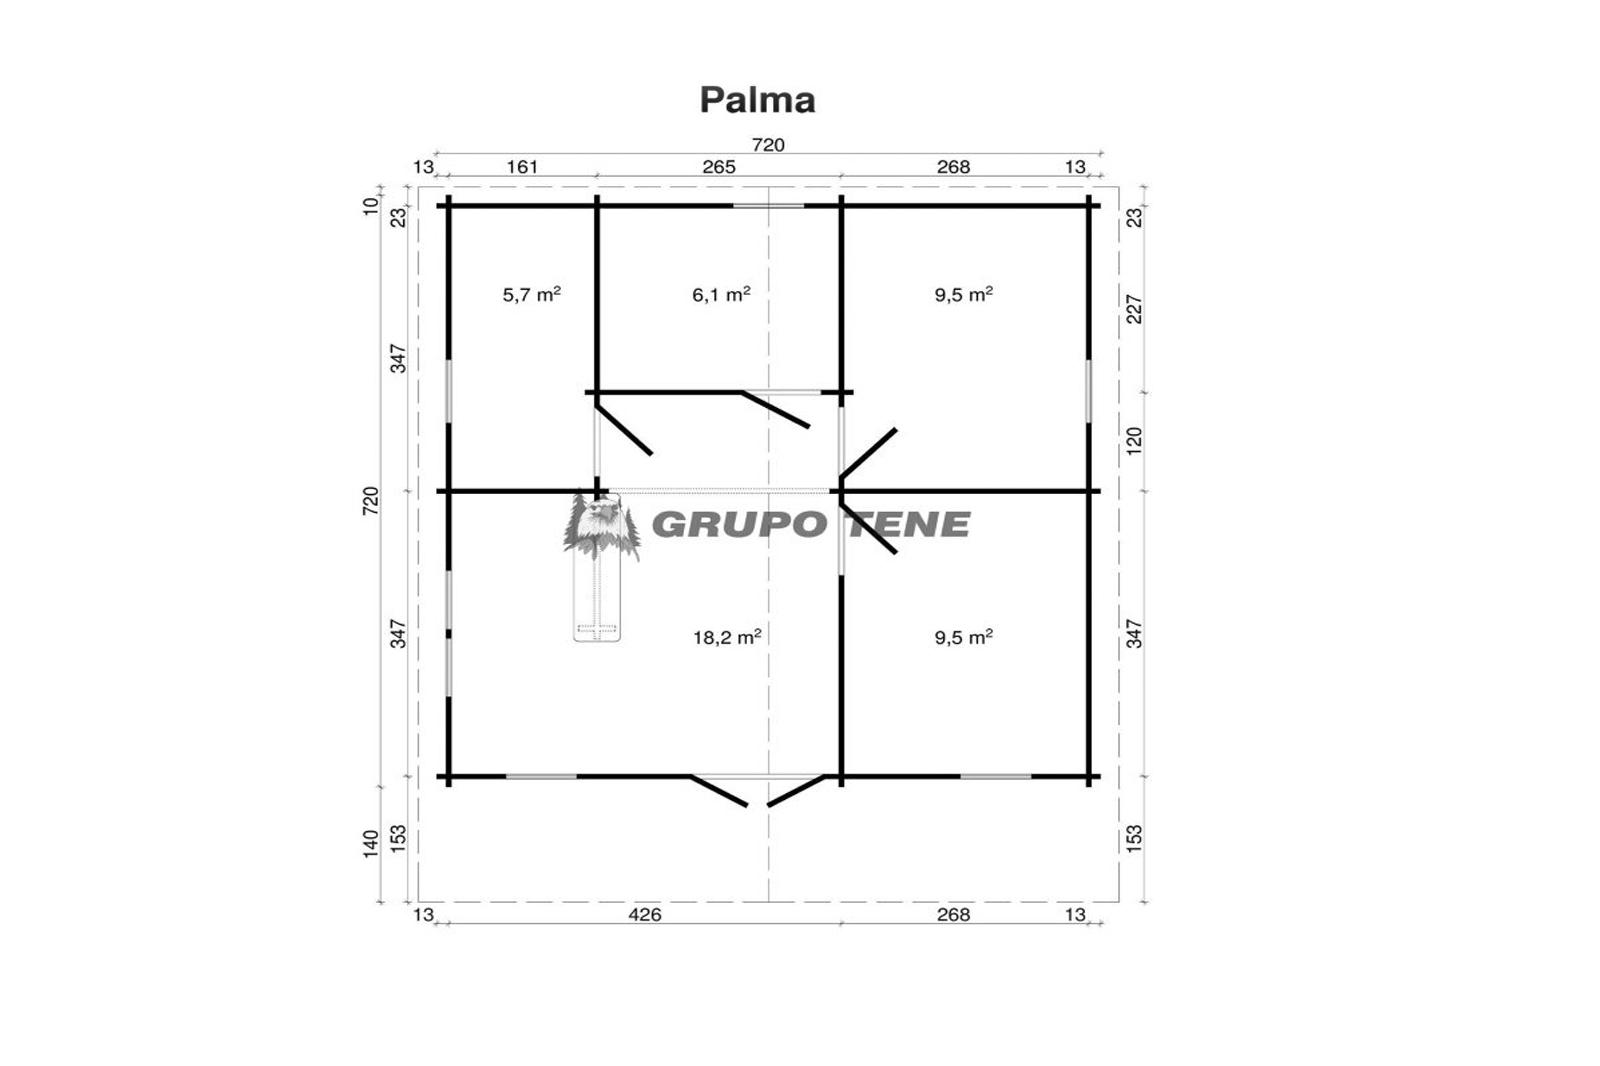 plano-palma